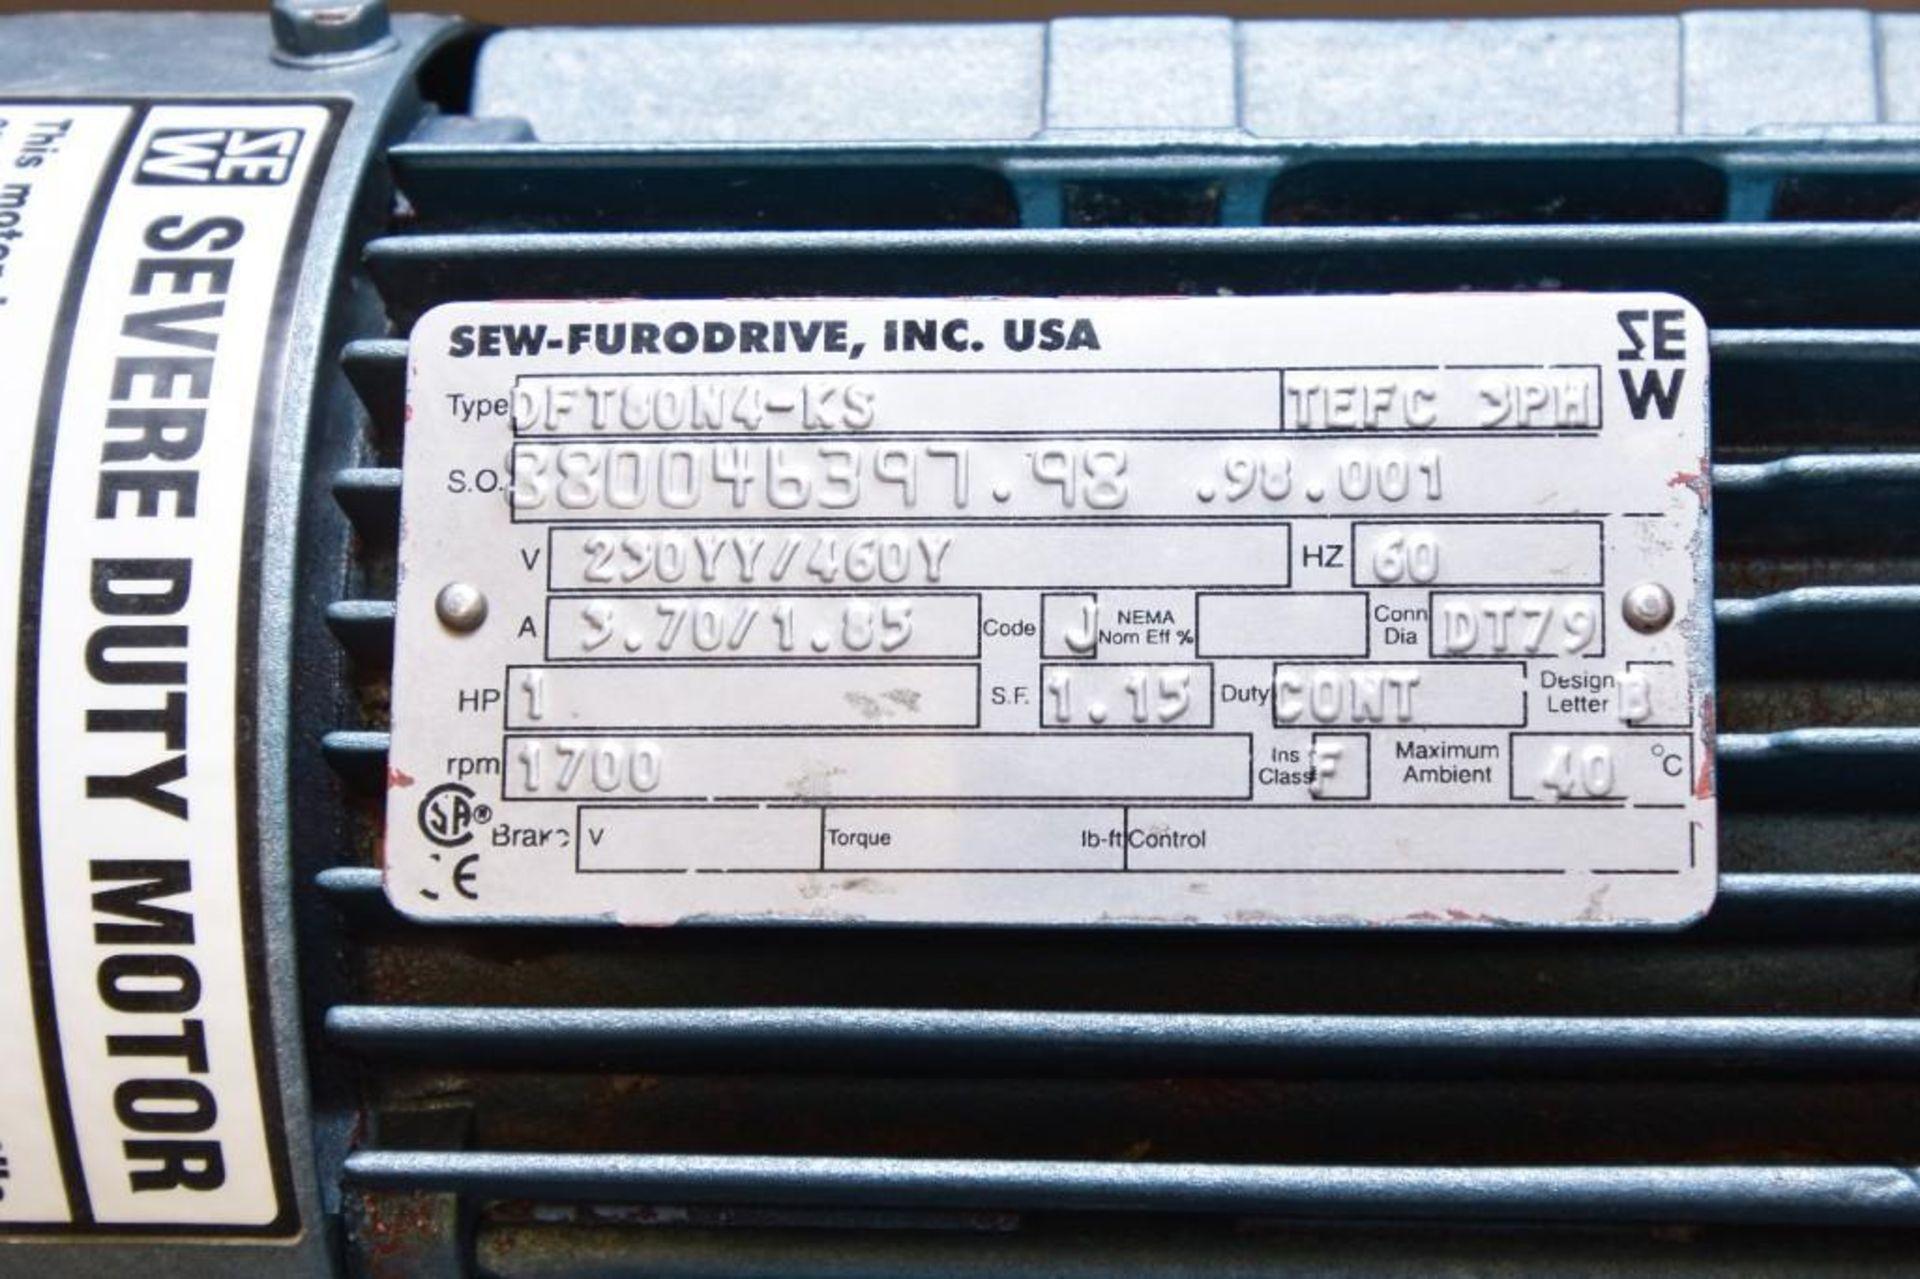 Conveyor - Image 4 of 9